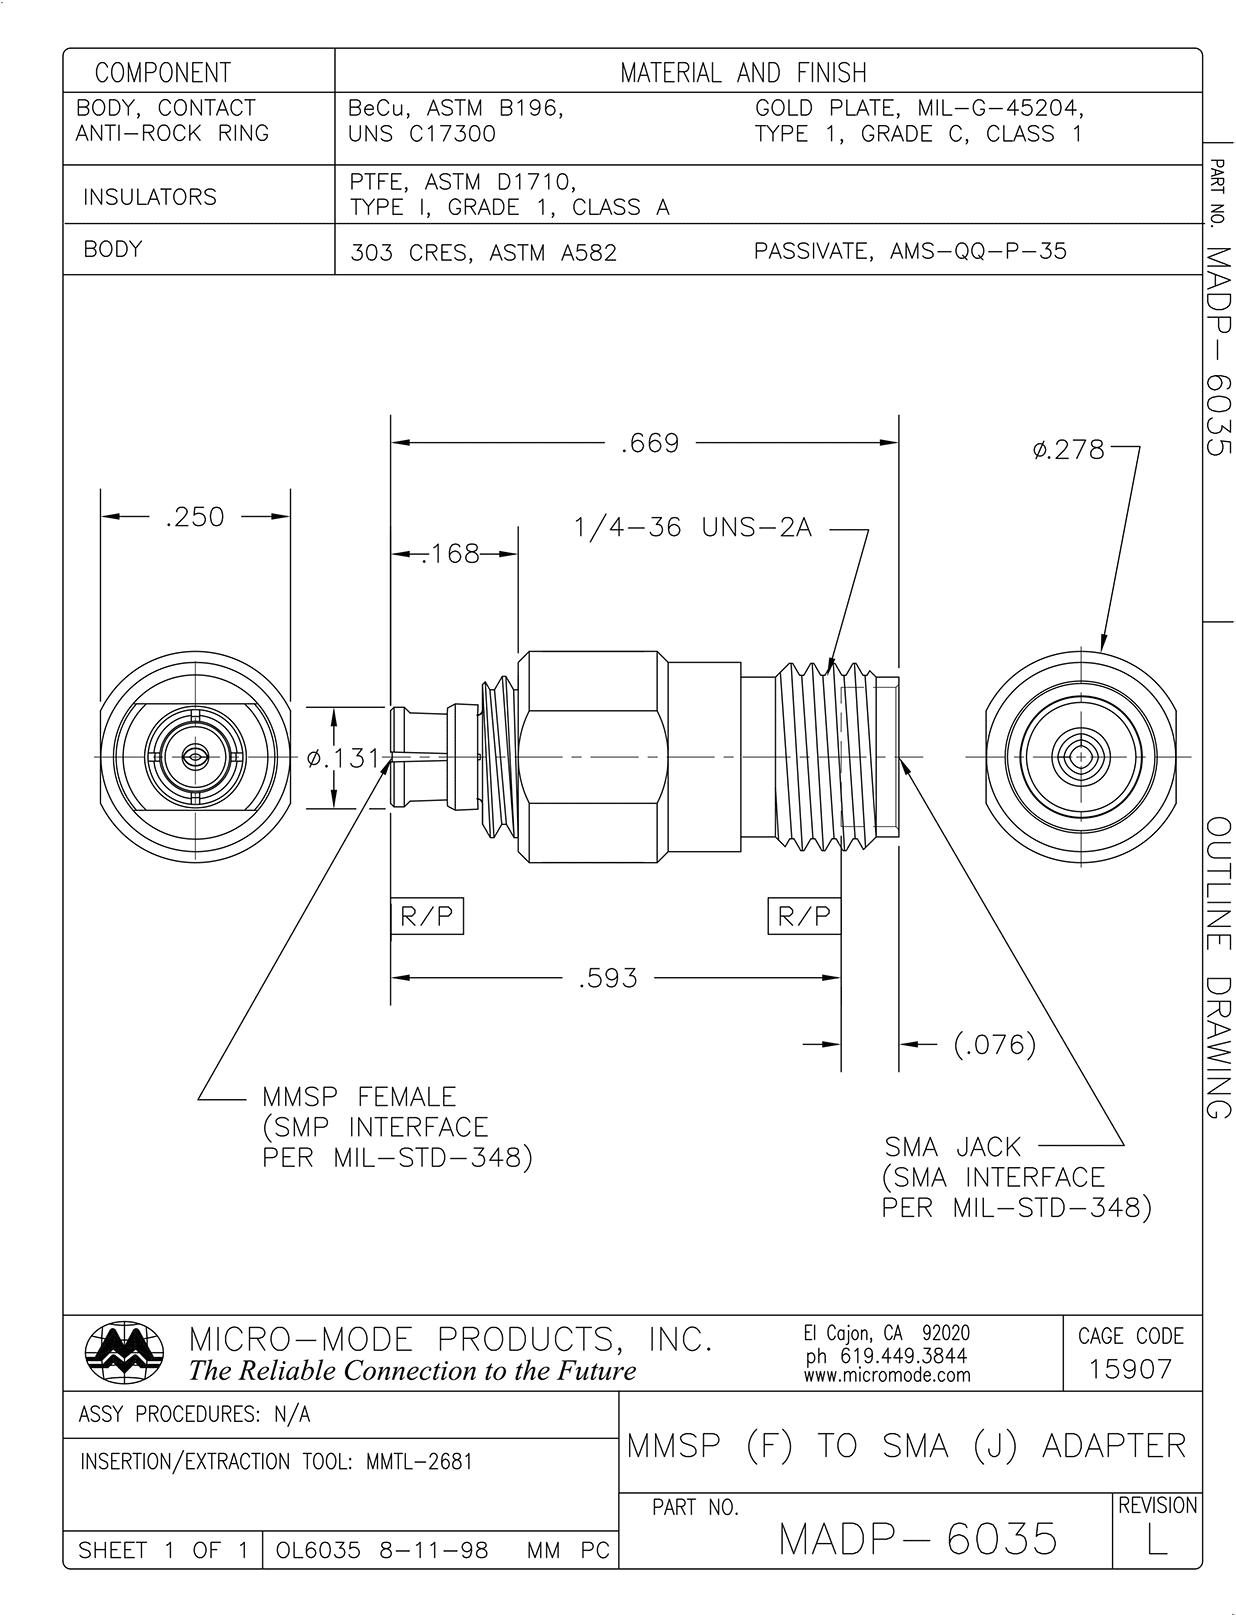 madp-6035-cad3.png